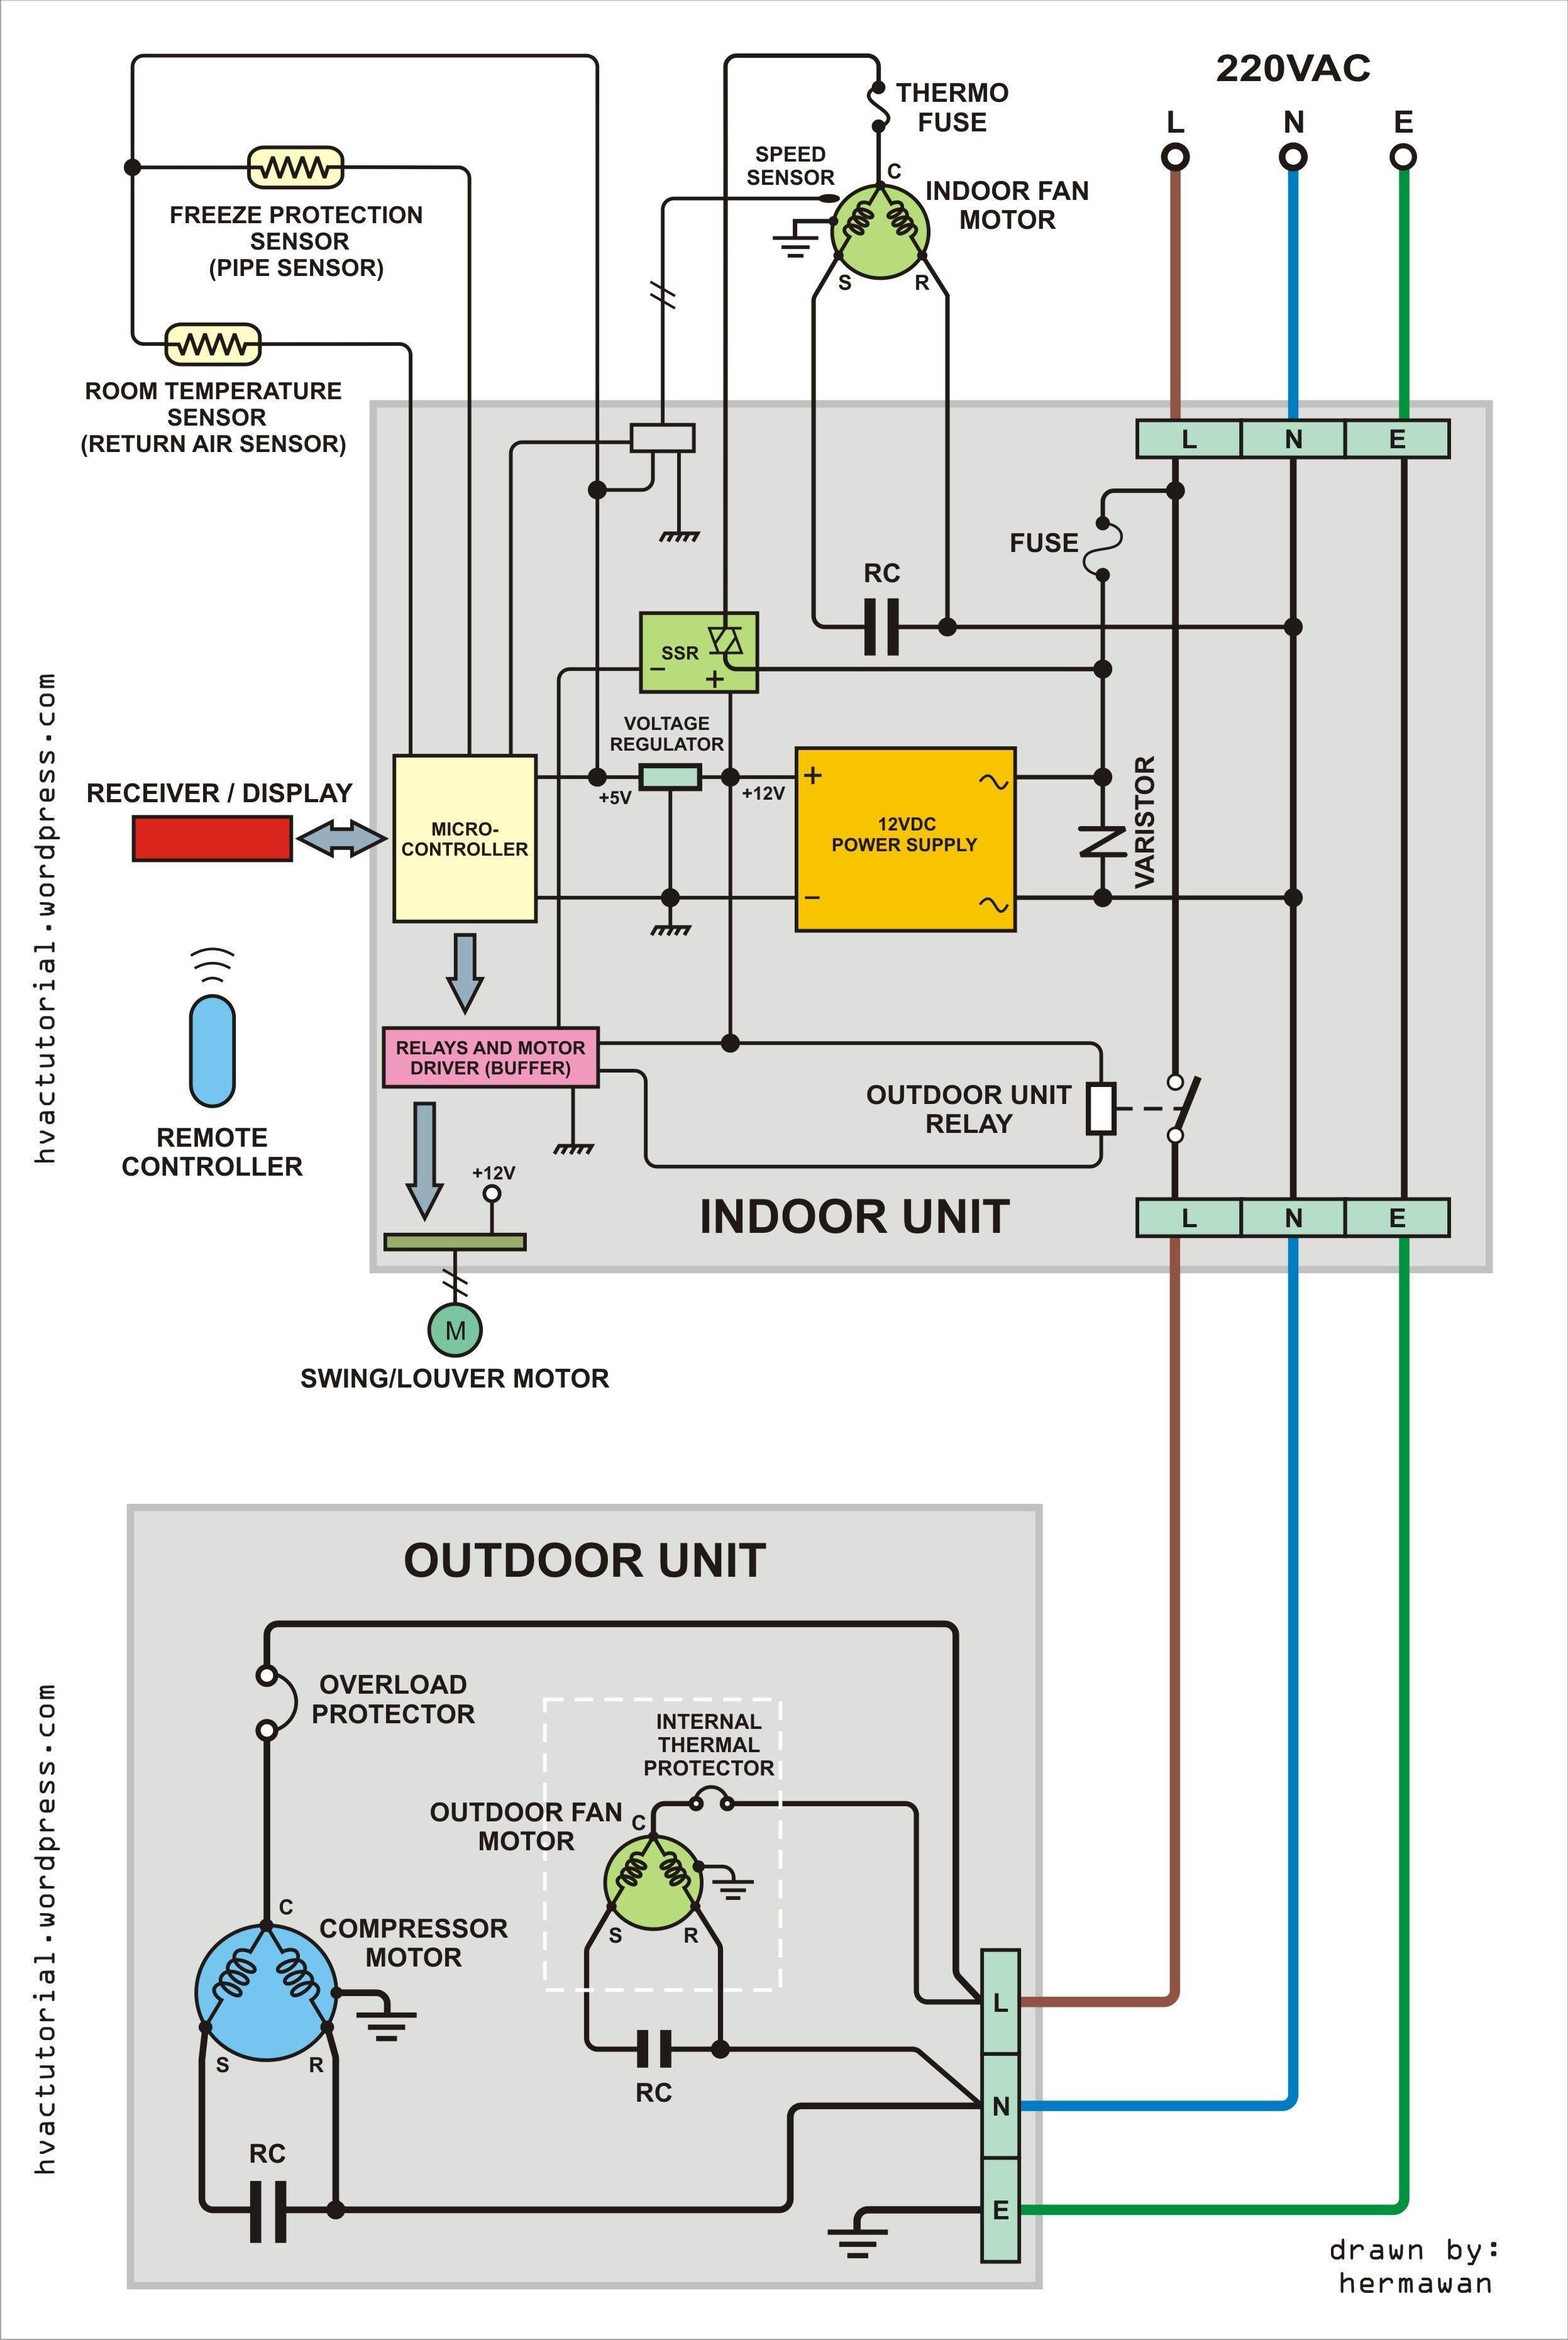 New Wiring Diagram For Ac To Furnace Diagram Diagramtemplate Diagramsample Diseno Electrico Instalacion Electrica Refrigeracion Y Aire Acondicionado